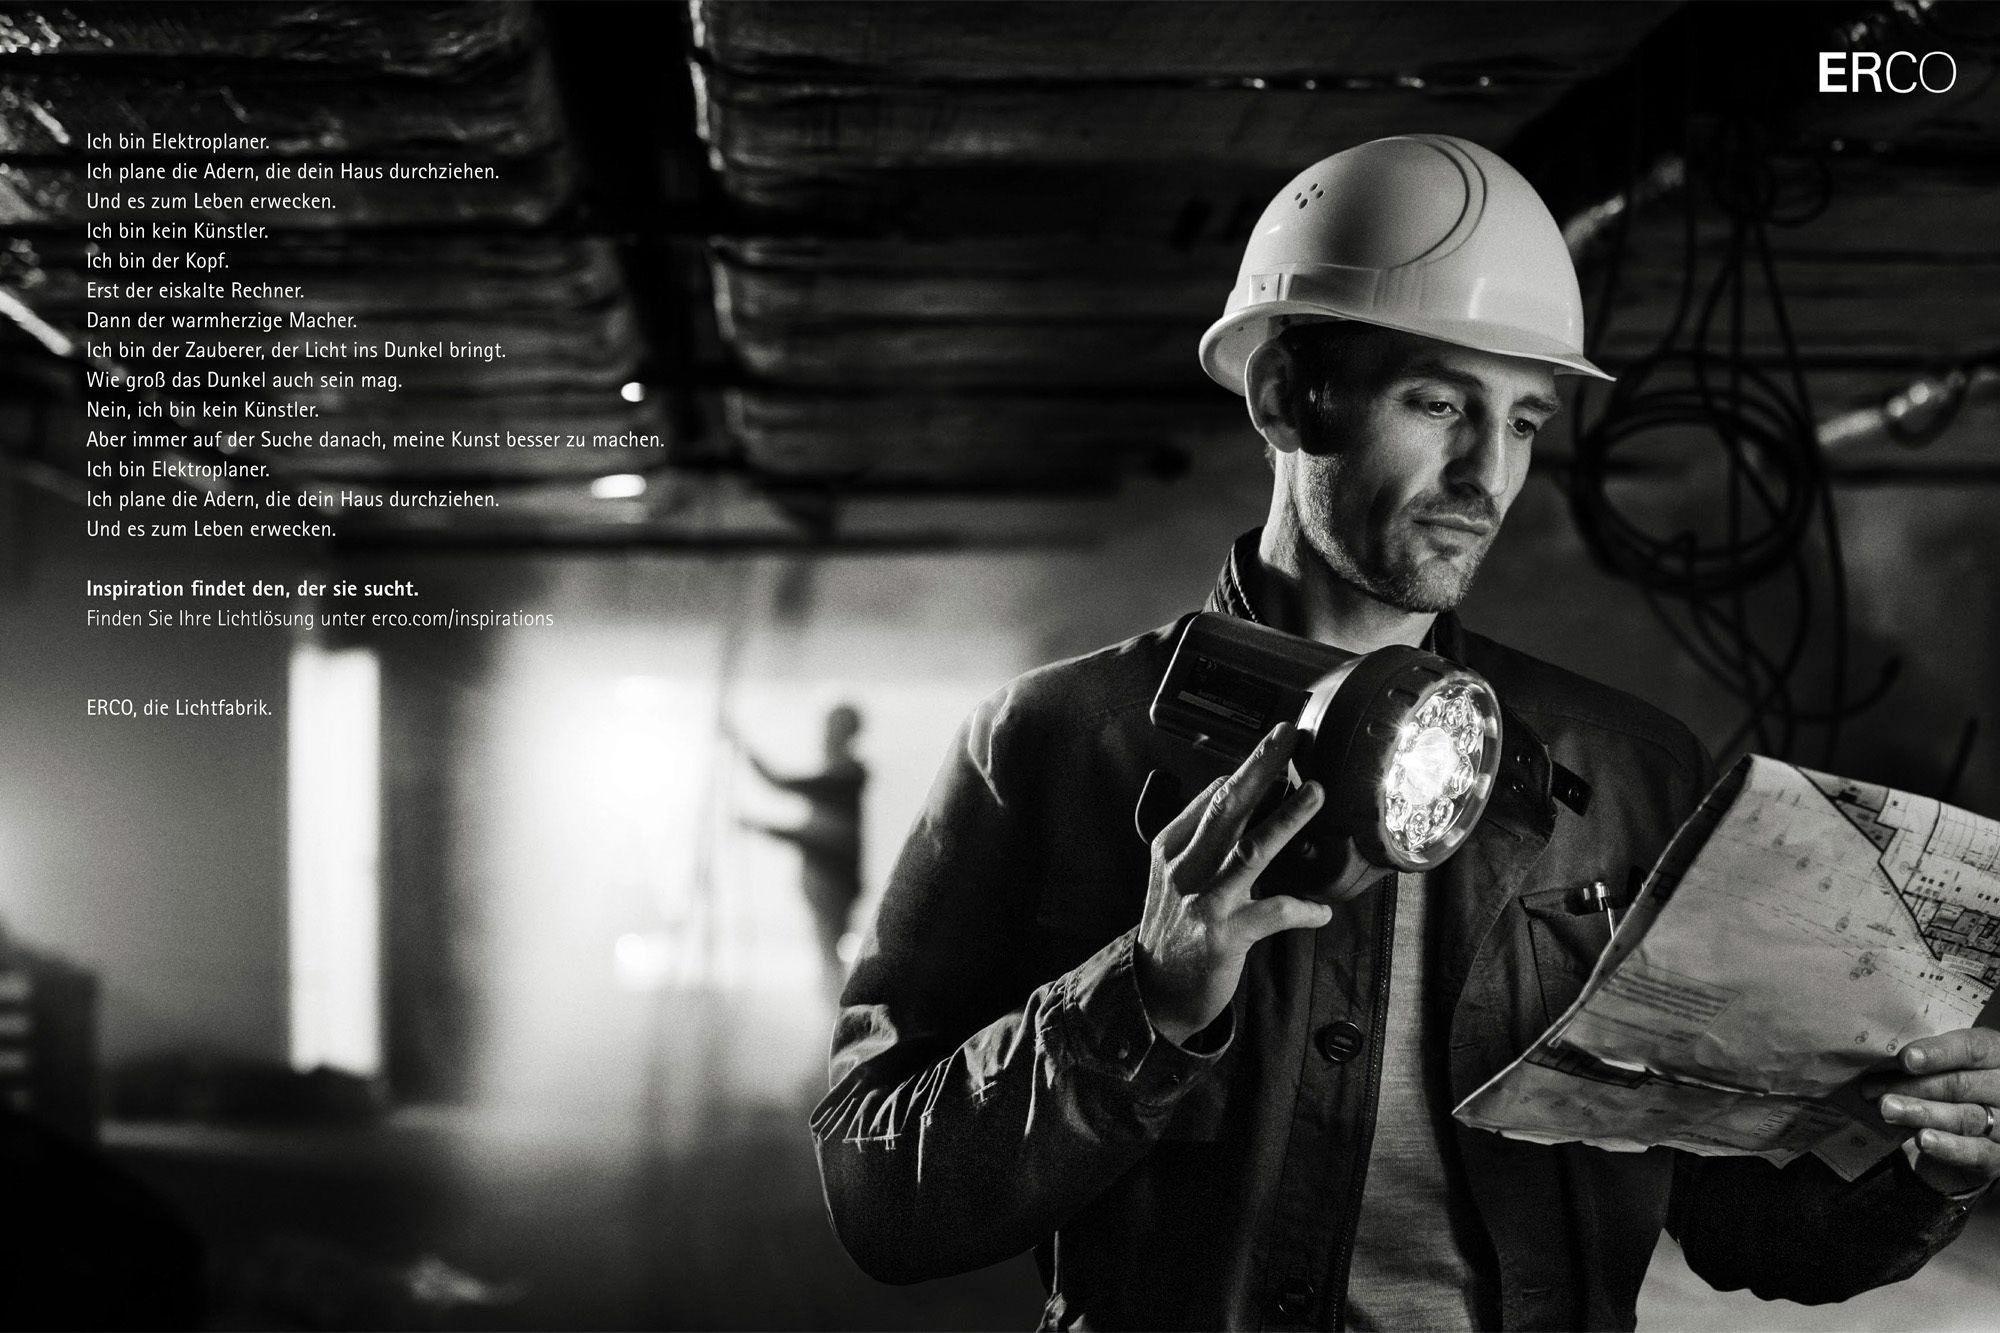 ERCO, die Lichtfabrik.